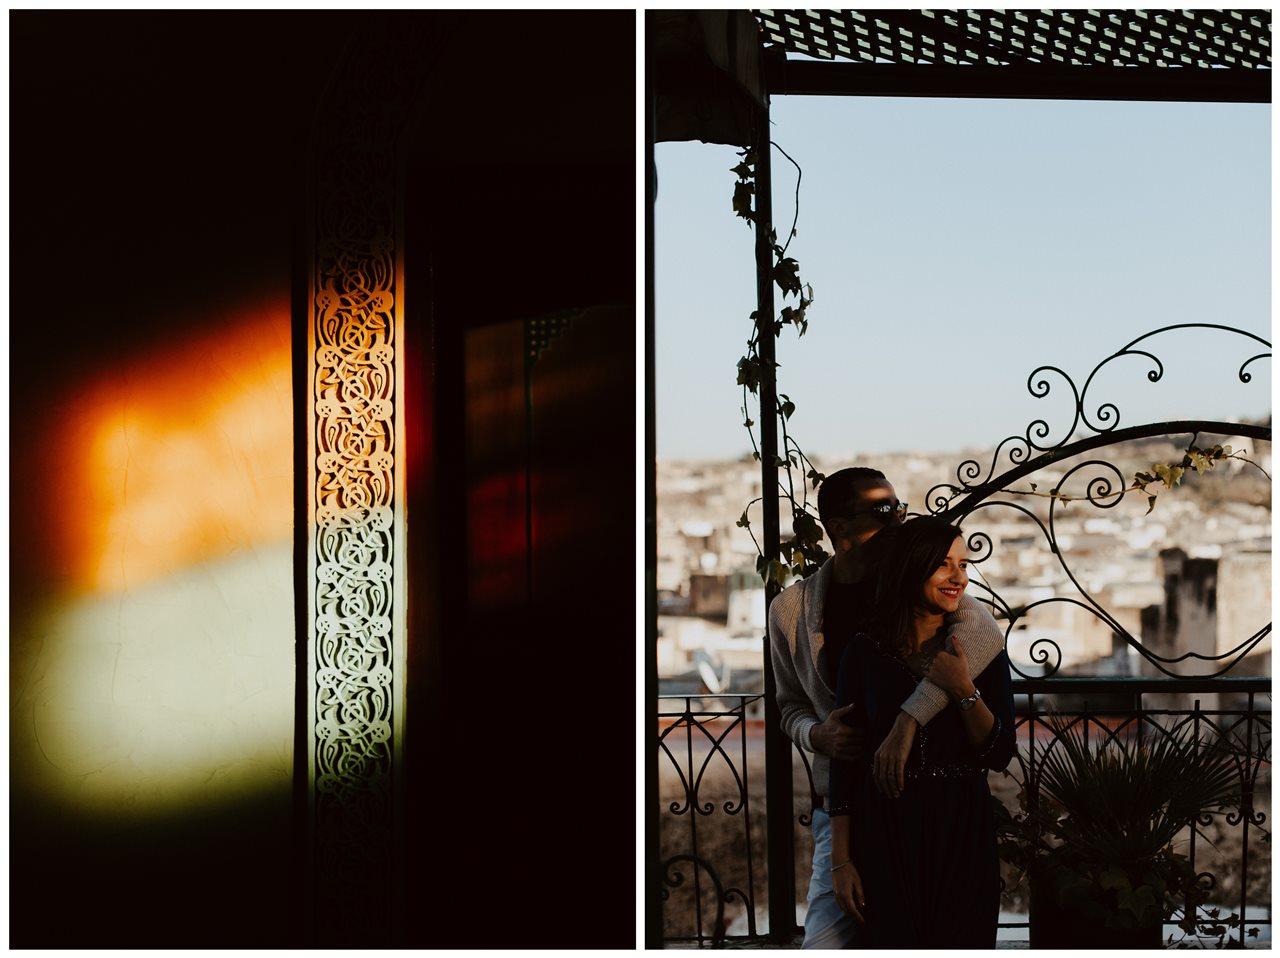 séance couple maroc fès mariés ombre et lumière toit terasse détail lumières colorées mur